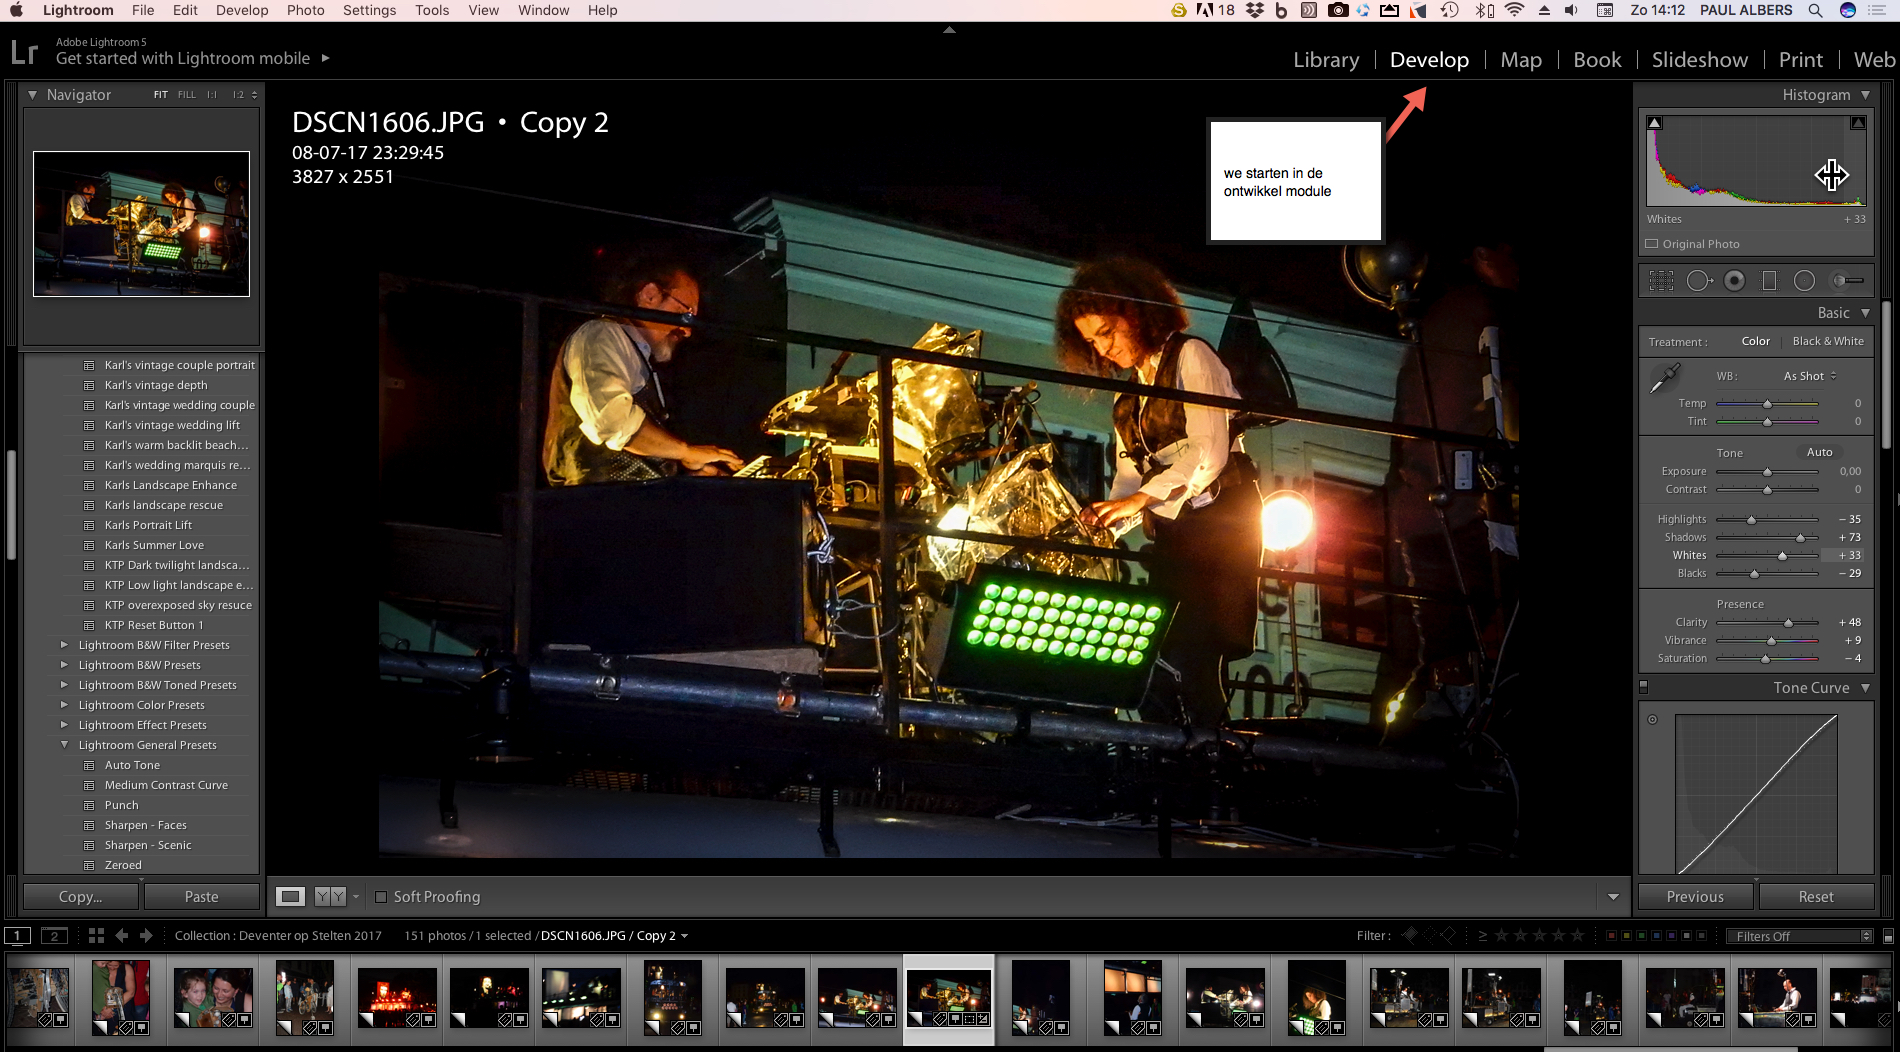 Open de develop module in lightroom